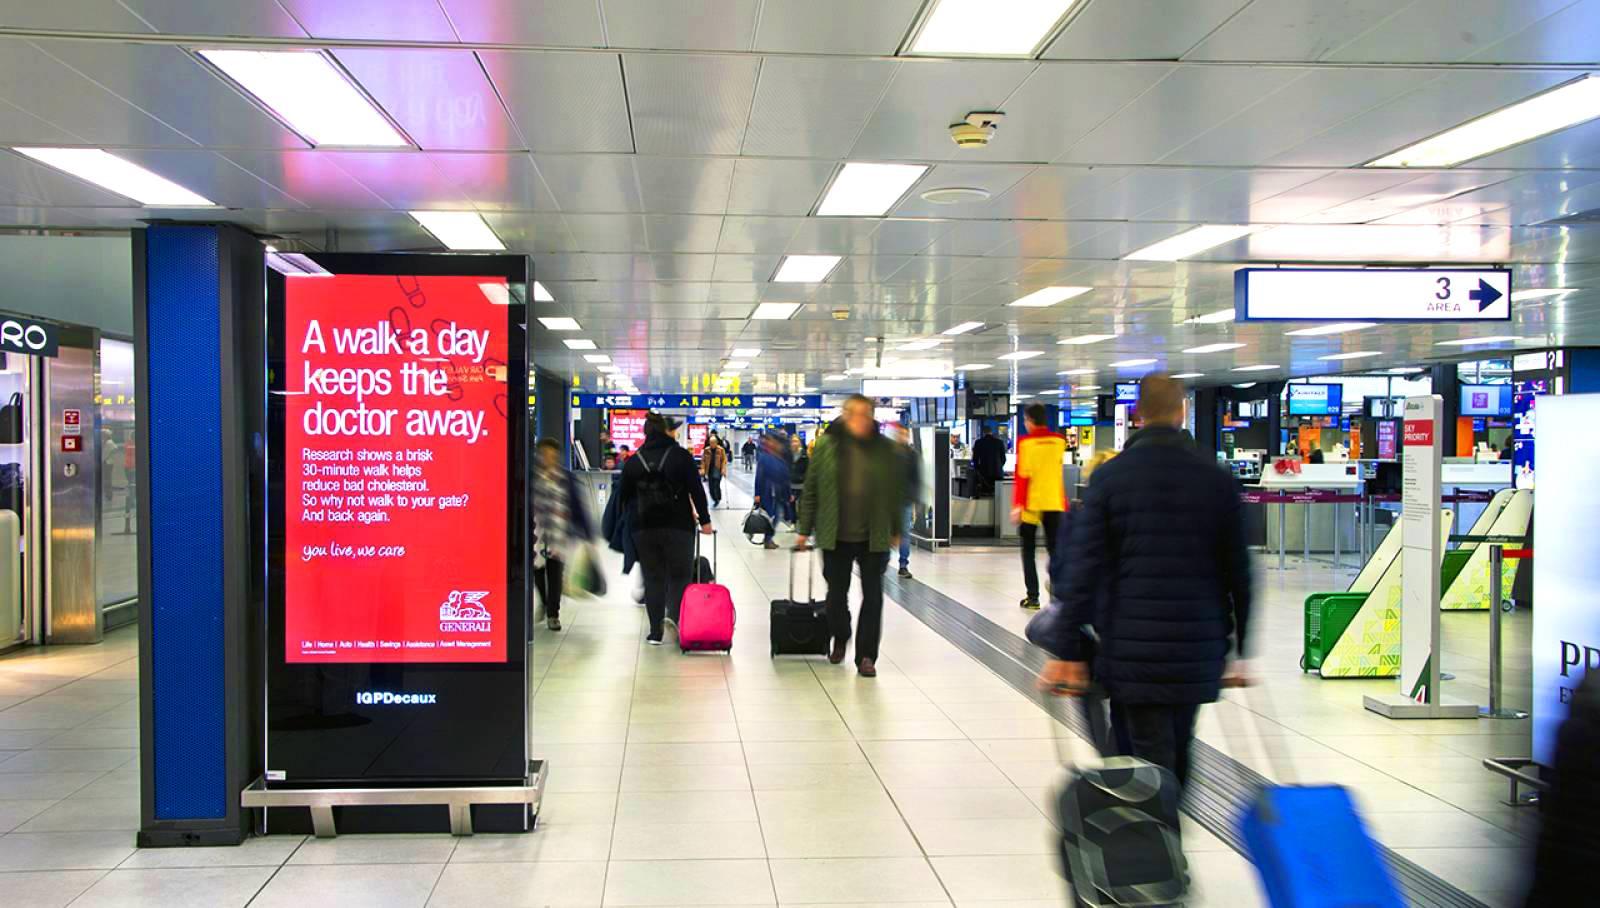 Pubblicità in aeroporto IGPDecaux circuito digital per Generali a Linate